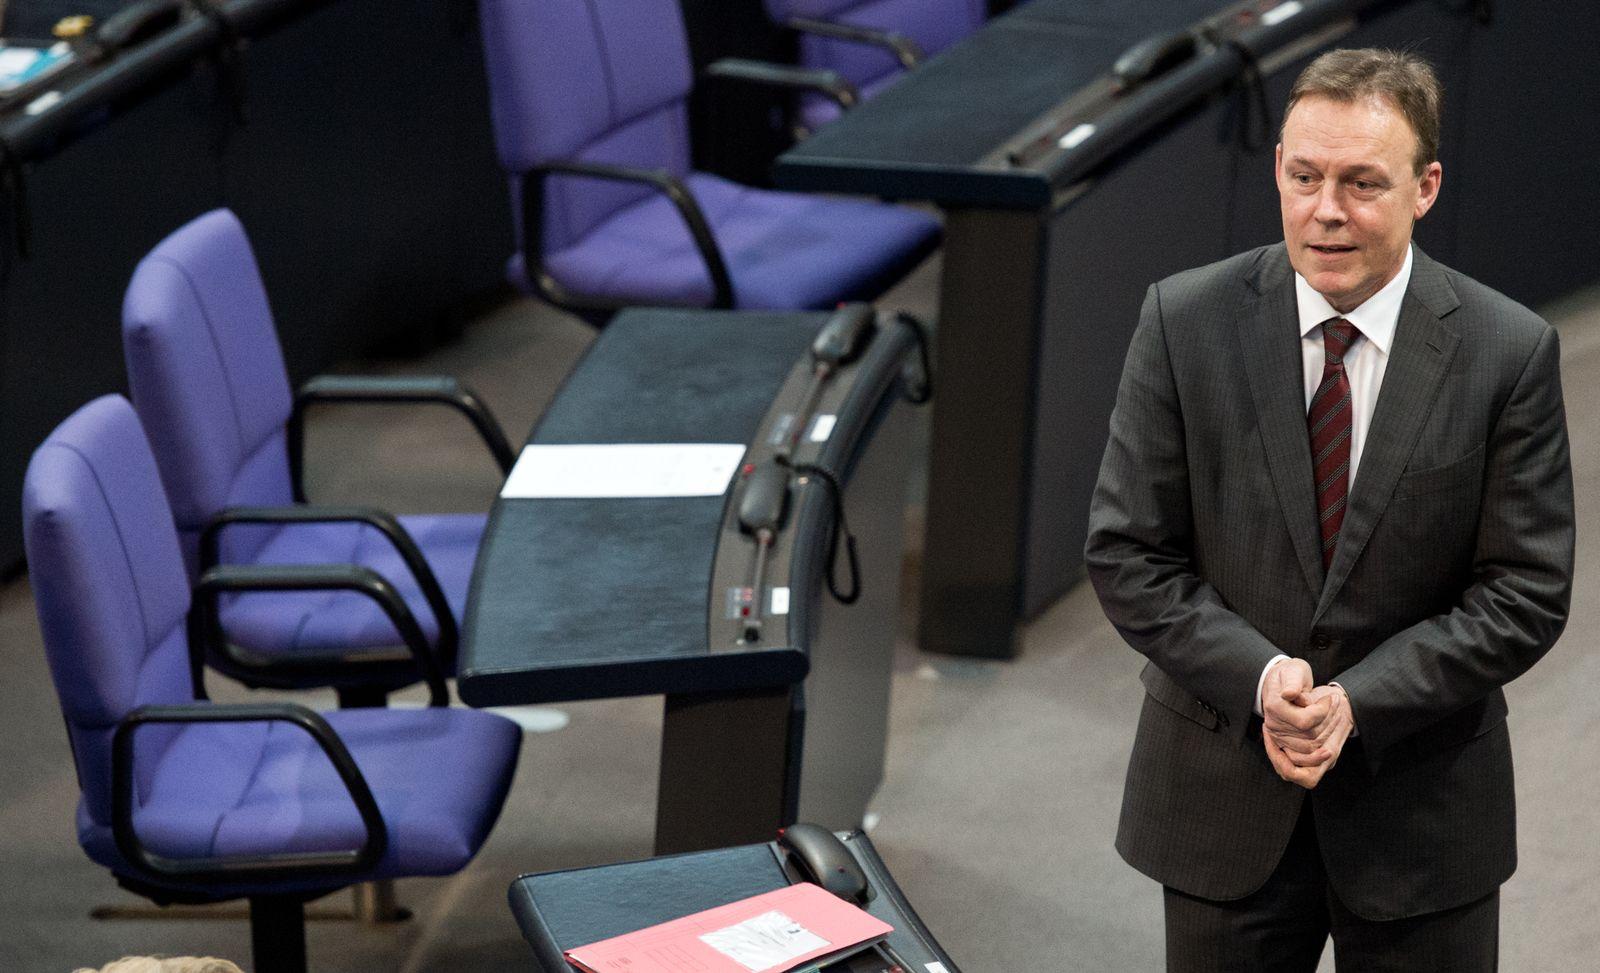 Bundestag / Oppermann